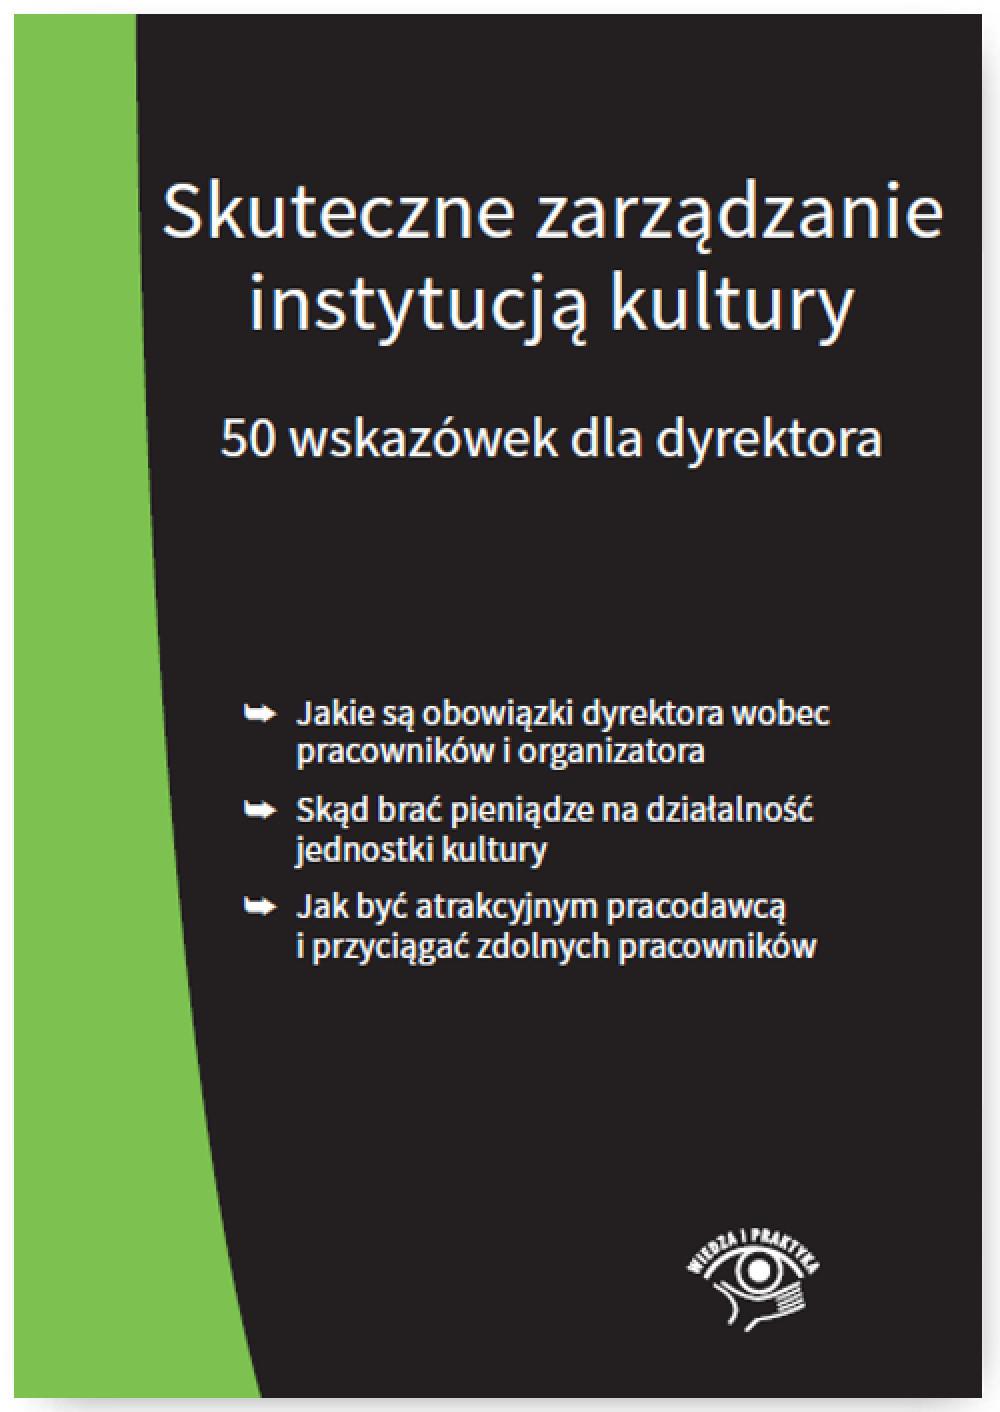 Skuteczne zarządzanie instytucją kultury. 50 wskazówek dla dyrektora ebook